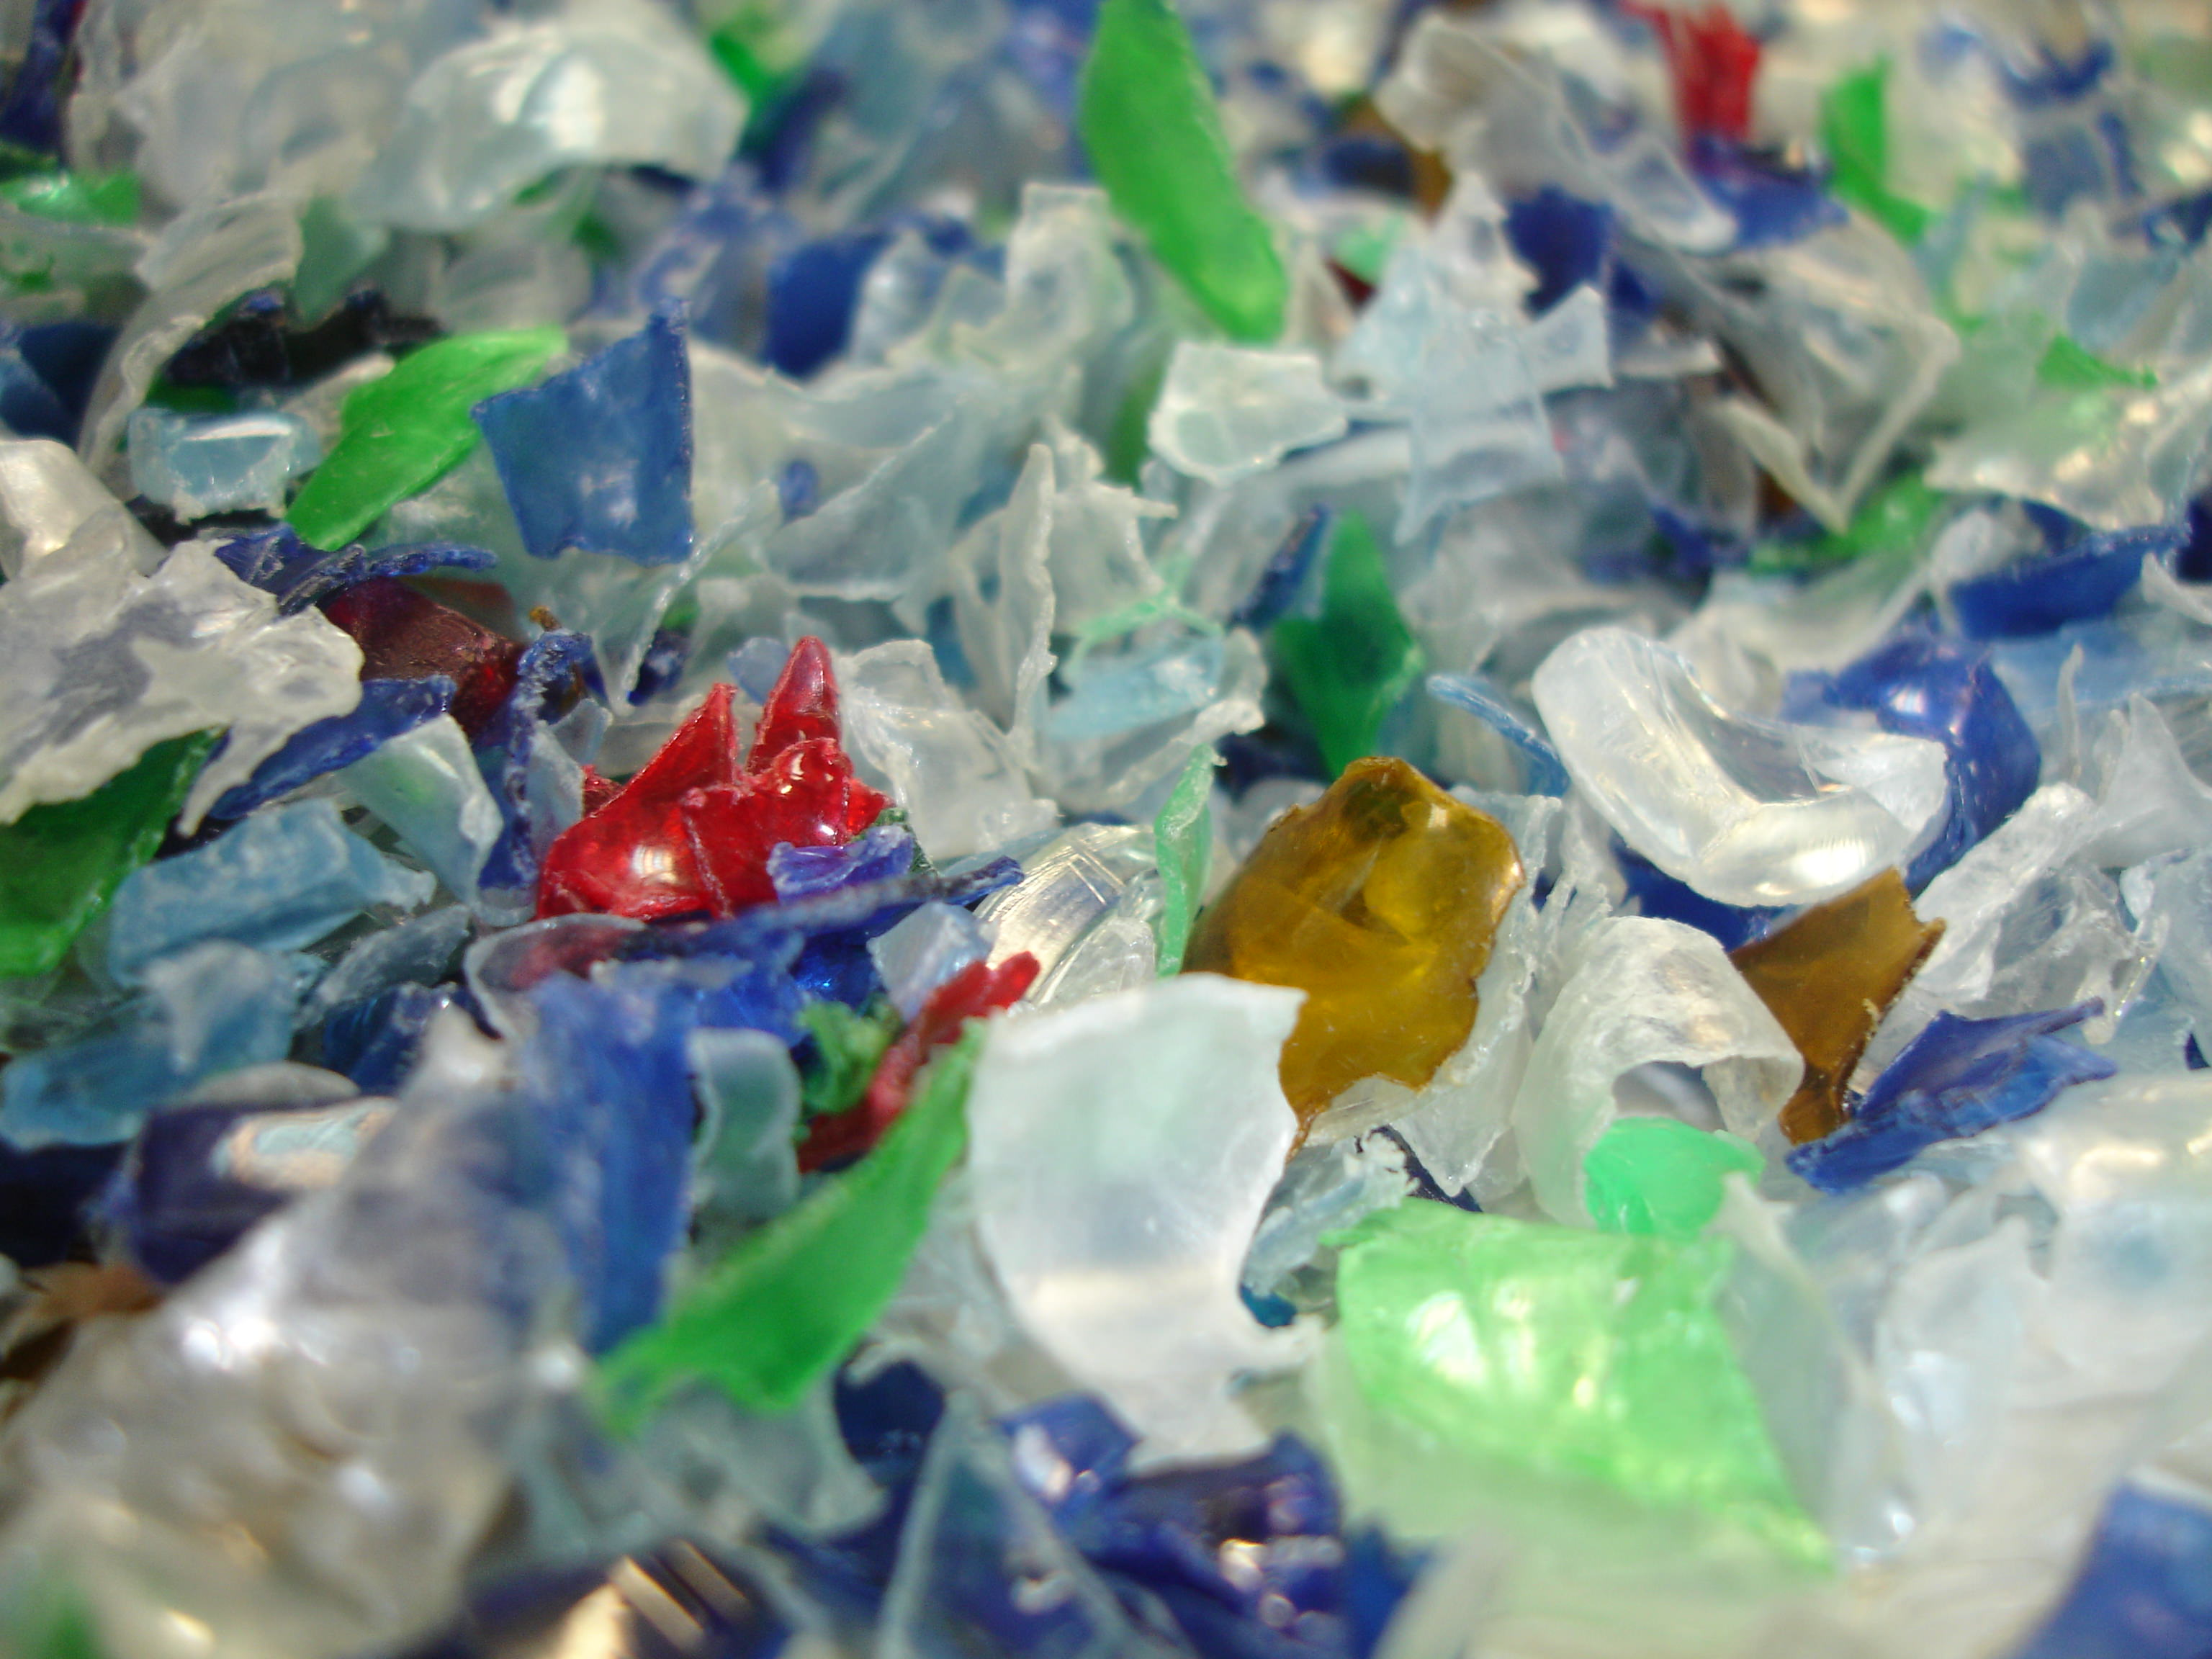 Sociedad sin ánimo de lucro, comprometida con el Medio Ambiente, en la promoción del reciclado de los plásticos al final de su vida útil, en cualquiera de sus aplicaciones: envases, agricultura, automóvil, construcción, etc.